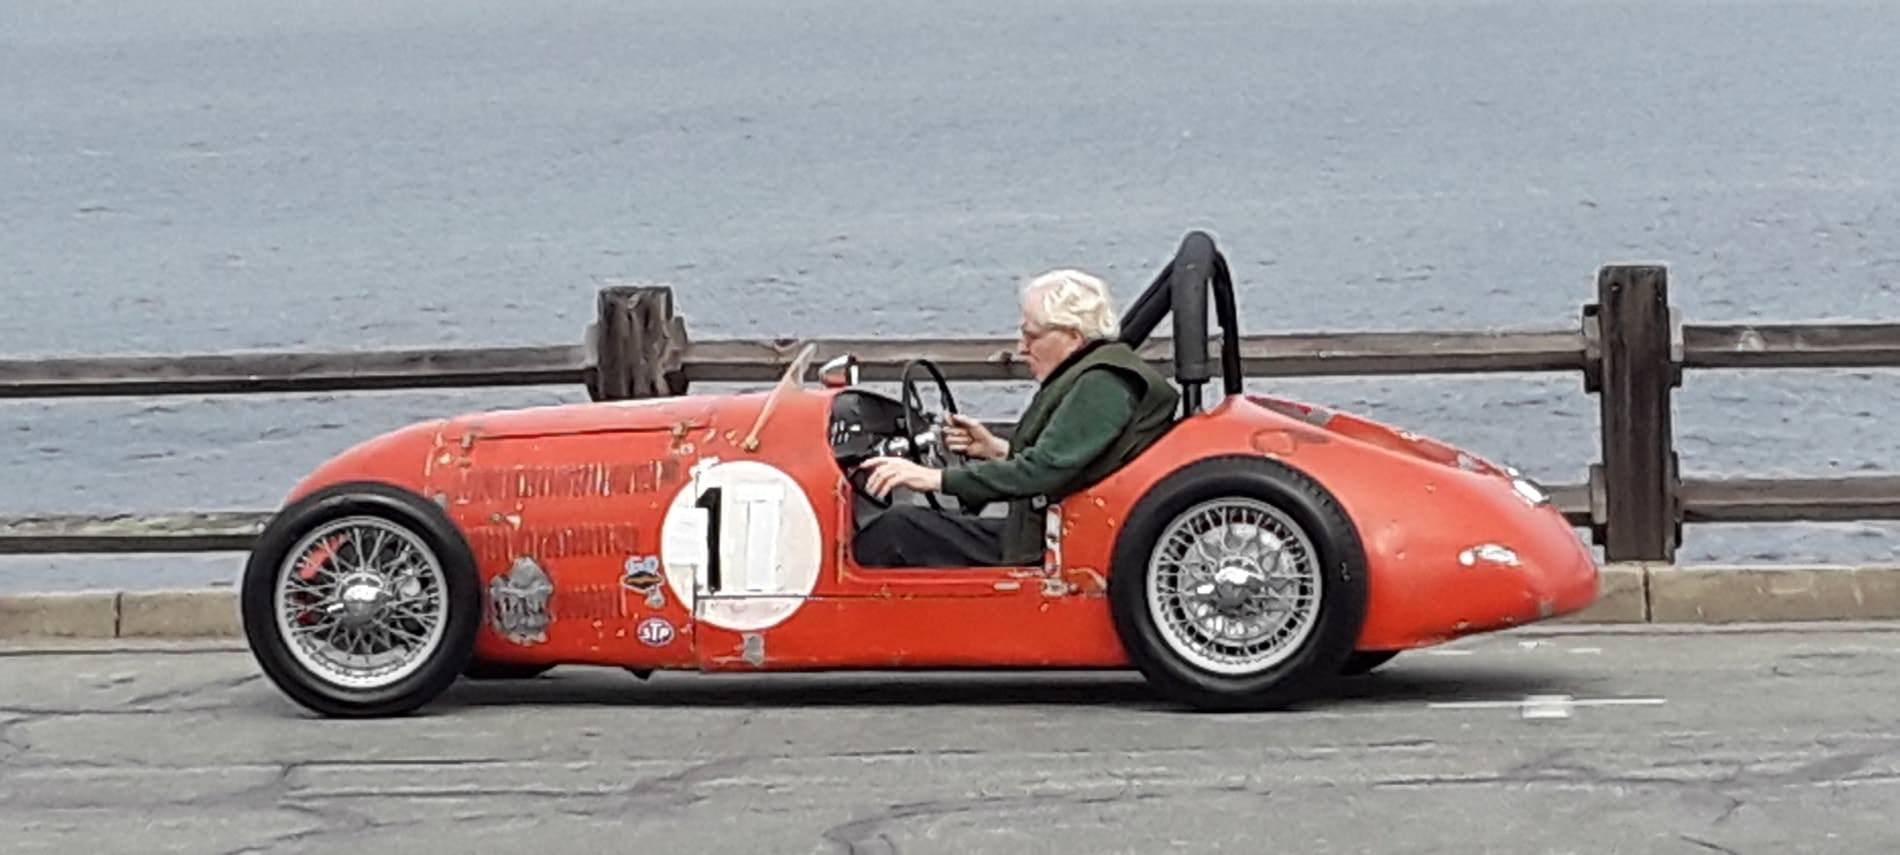 Older gentleman driving a restored red race car near the ocean